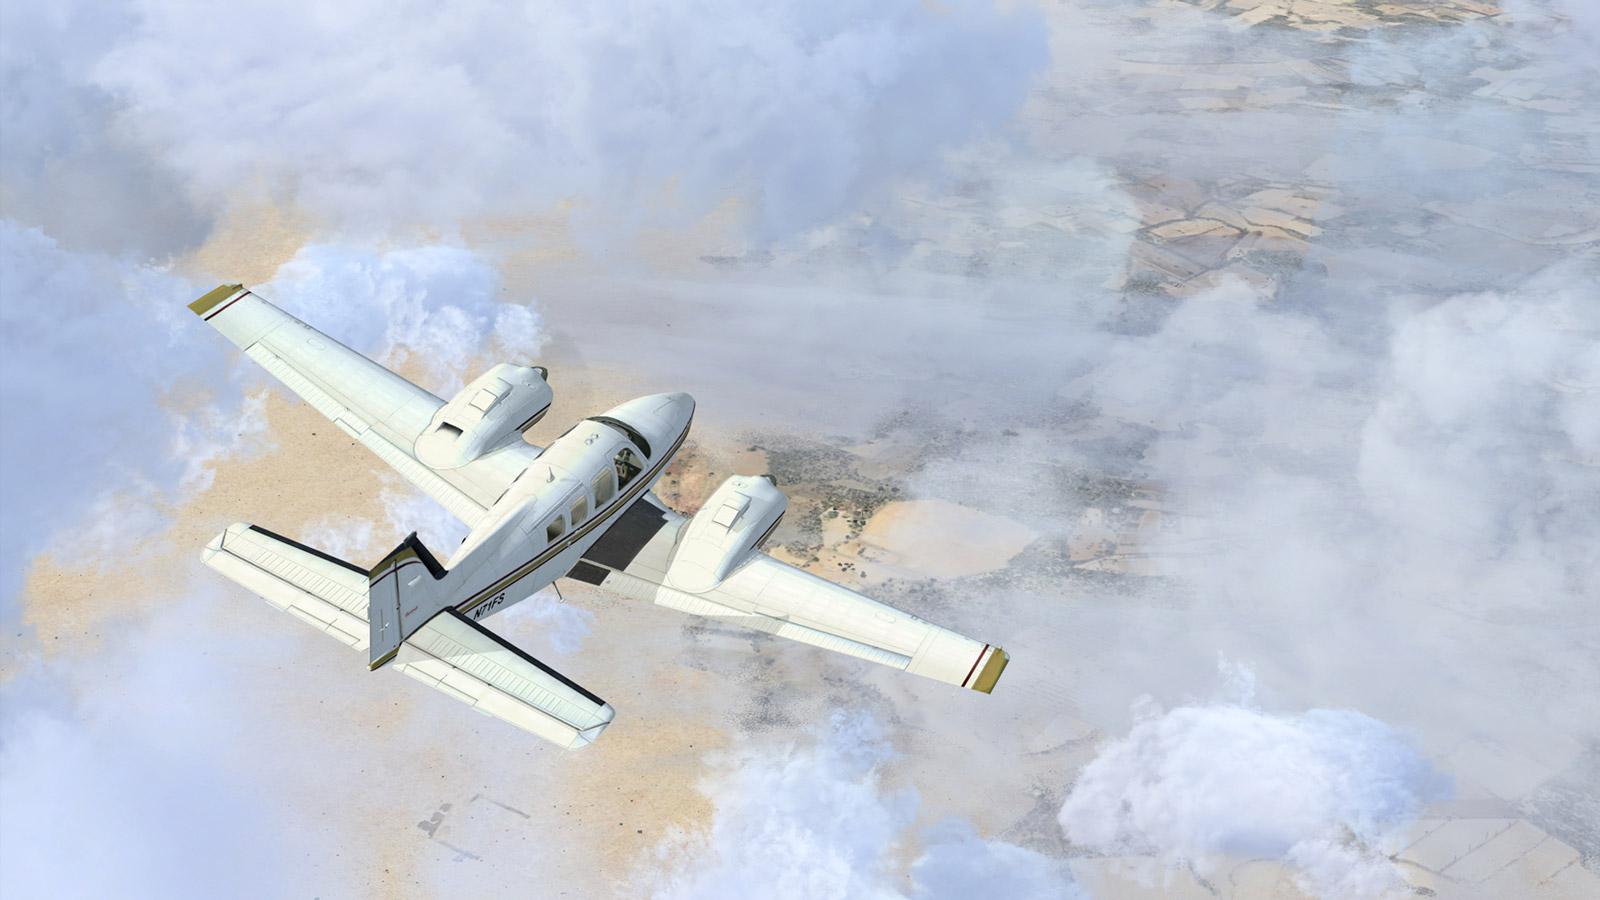 Free Flight Simulator X Wallpaper in 1600x900